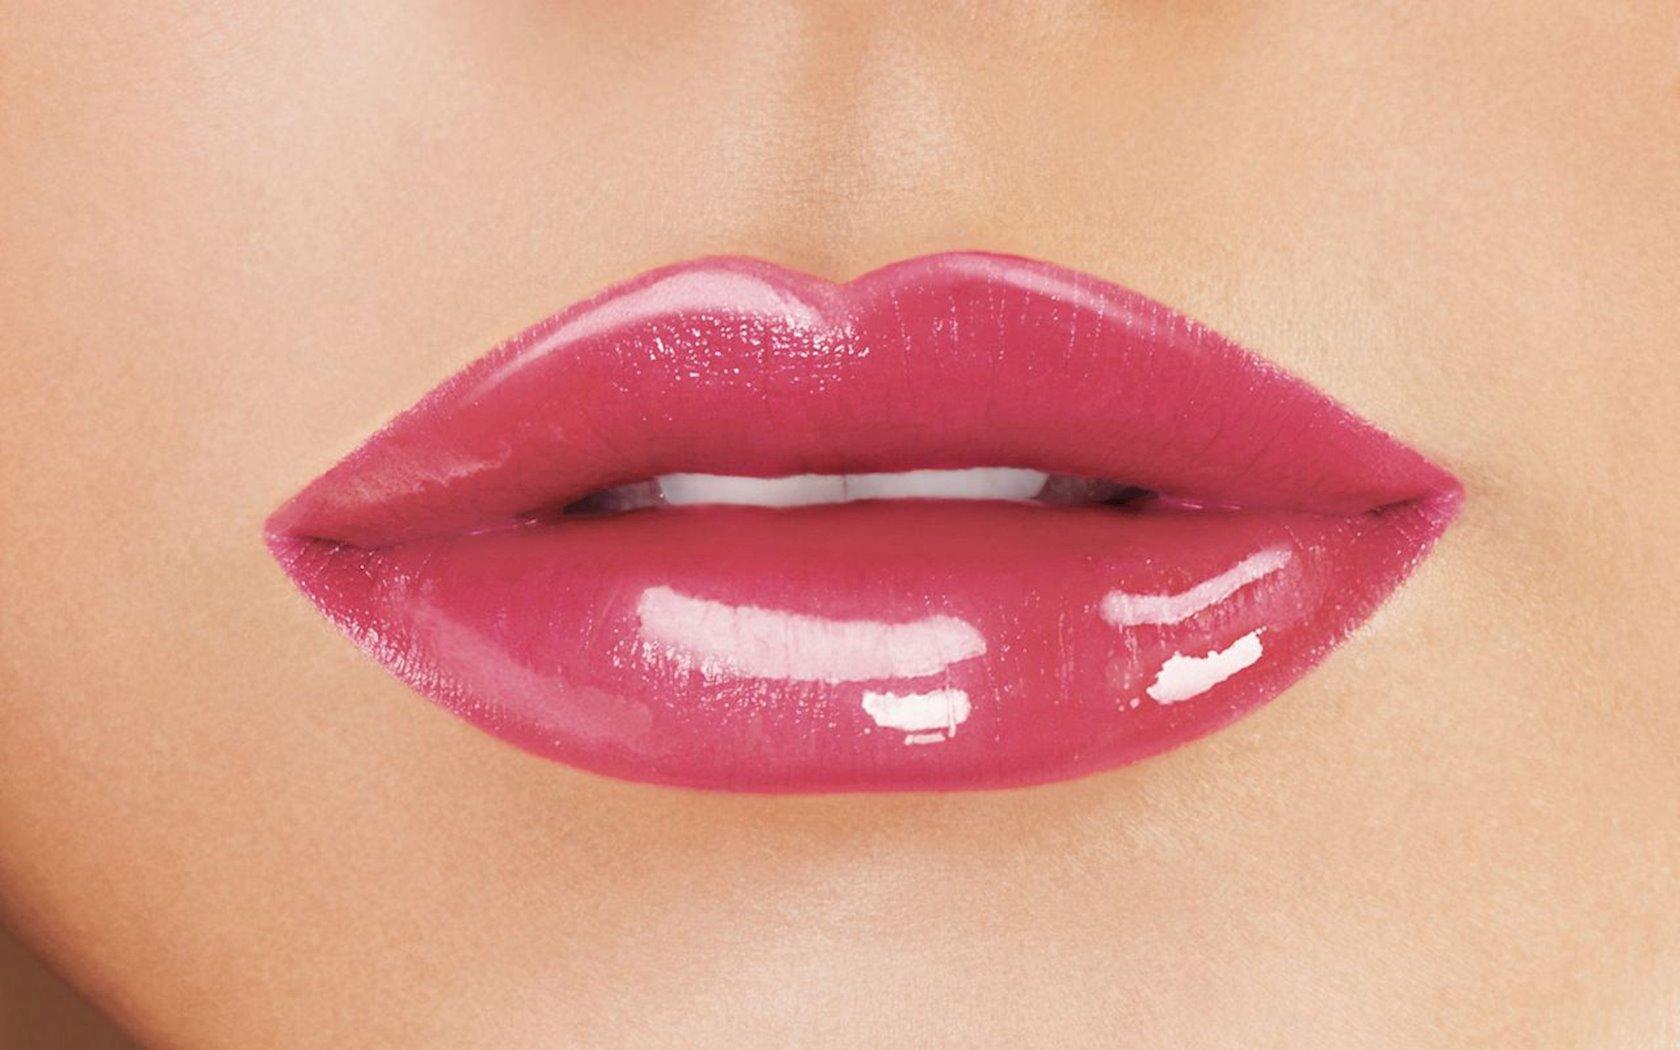 Maye pomada Pupa Made To Last Lip Duo 016 Hot Pink